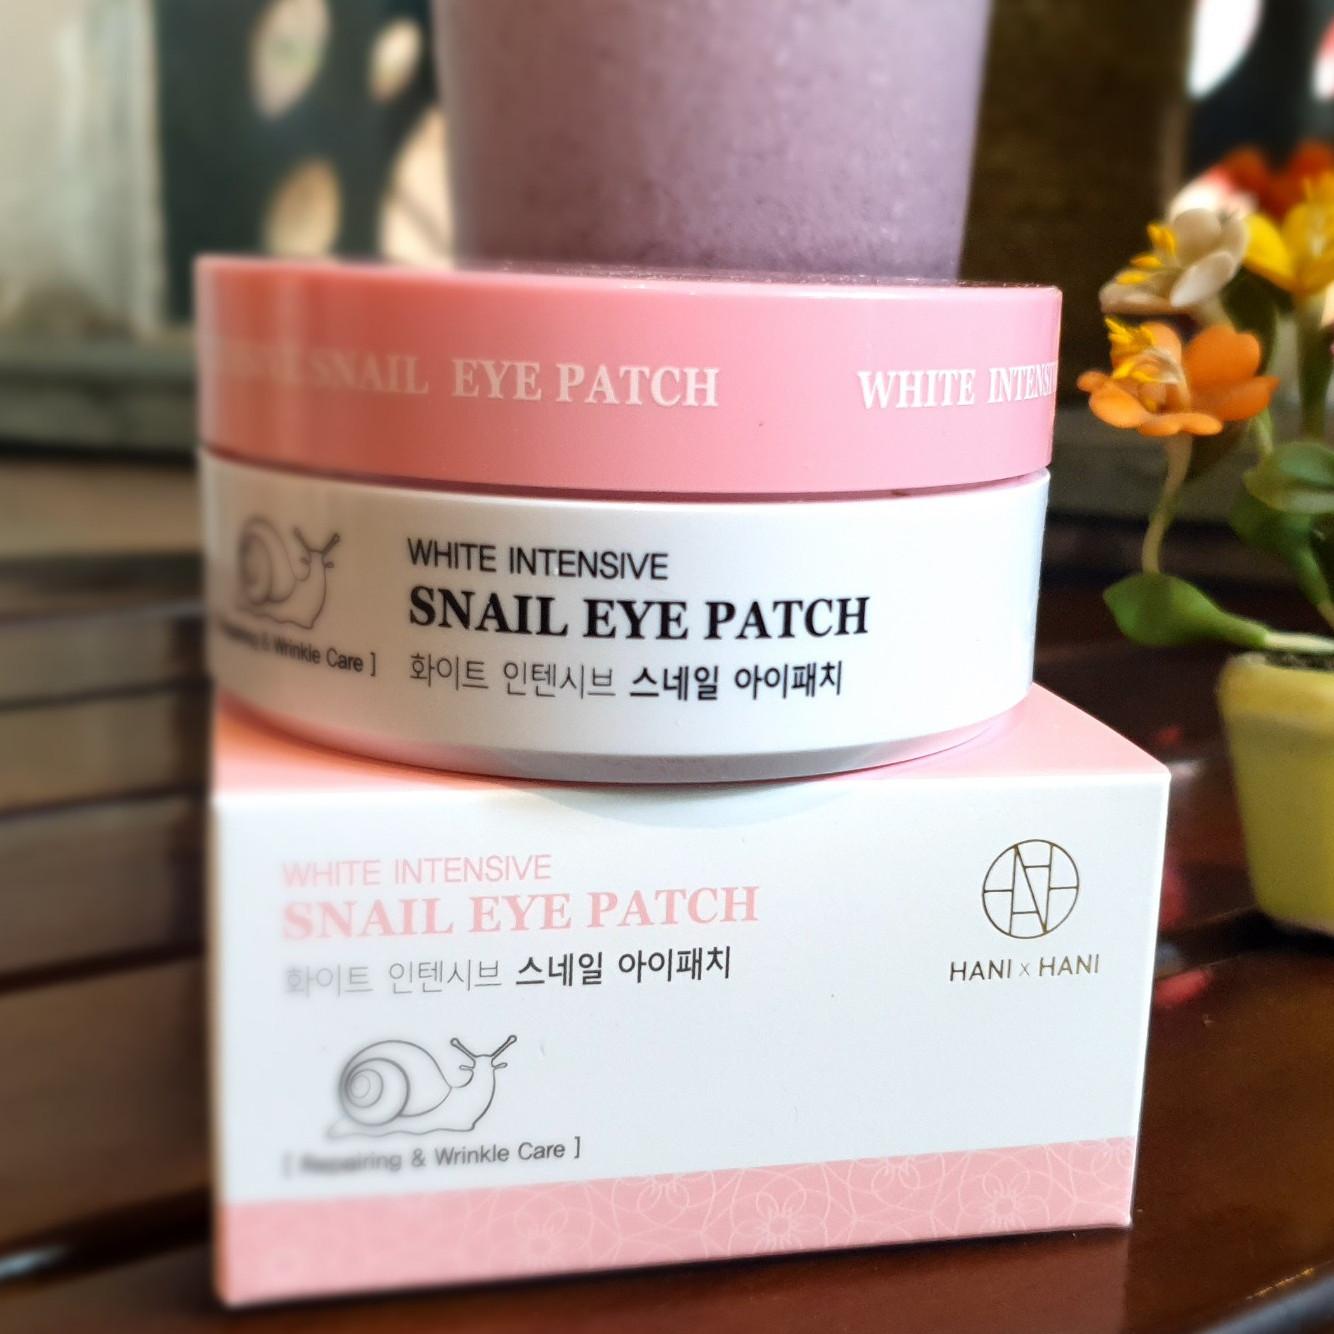 Mặt Nạ Ốc Sên Xóa Thâm Và Nếp Nhăn Vùng Mắt Hani x Hani/  Hani x Hani White Intensive Snail Eye Patch